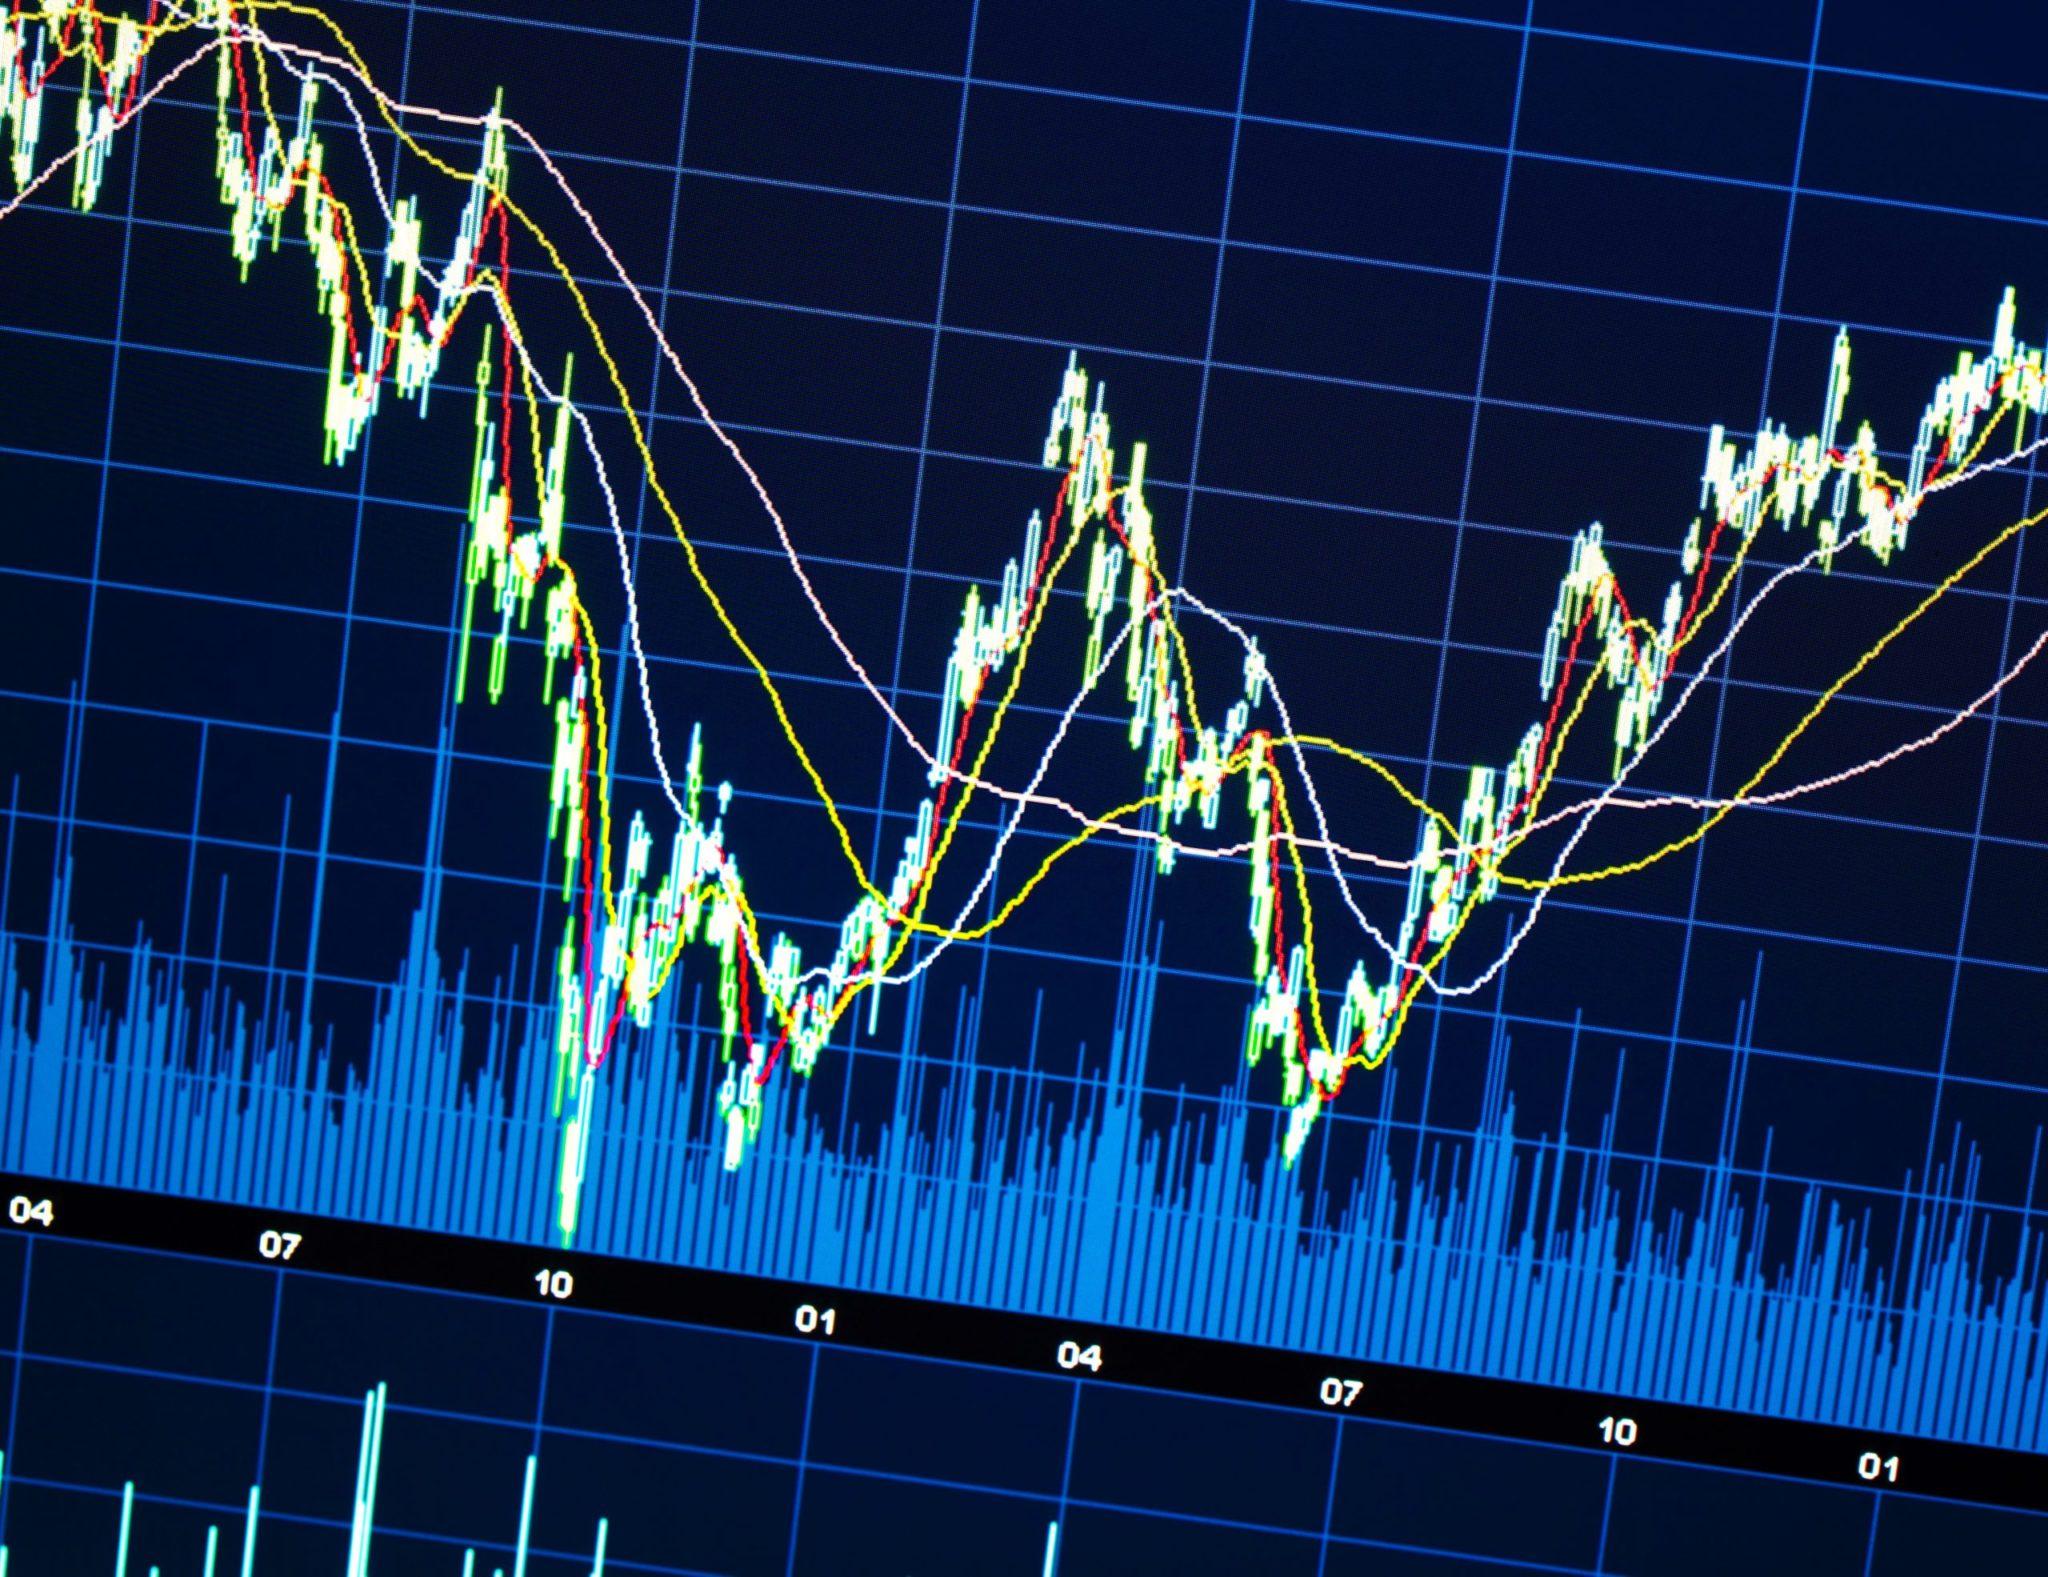 Gráfico de ações